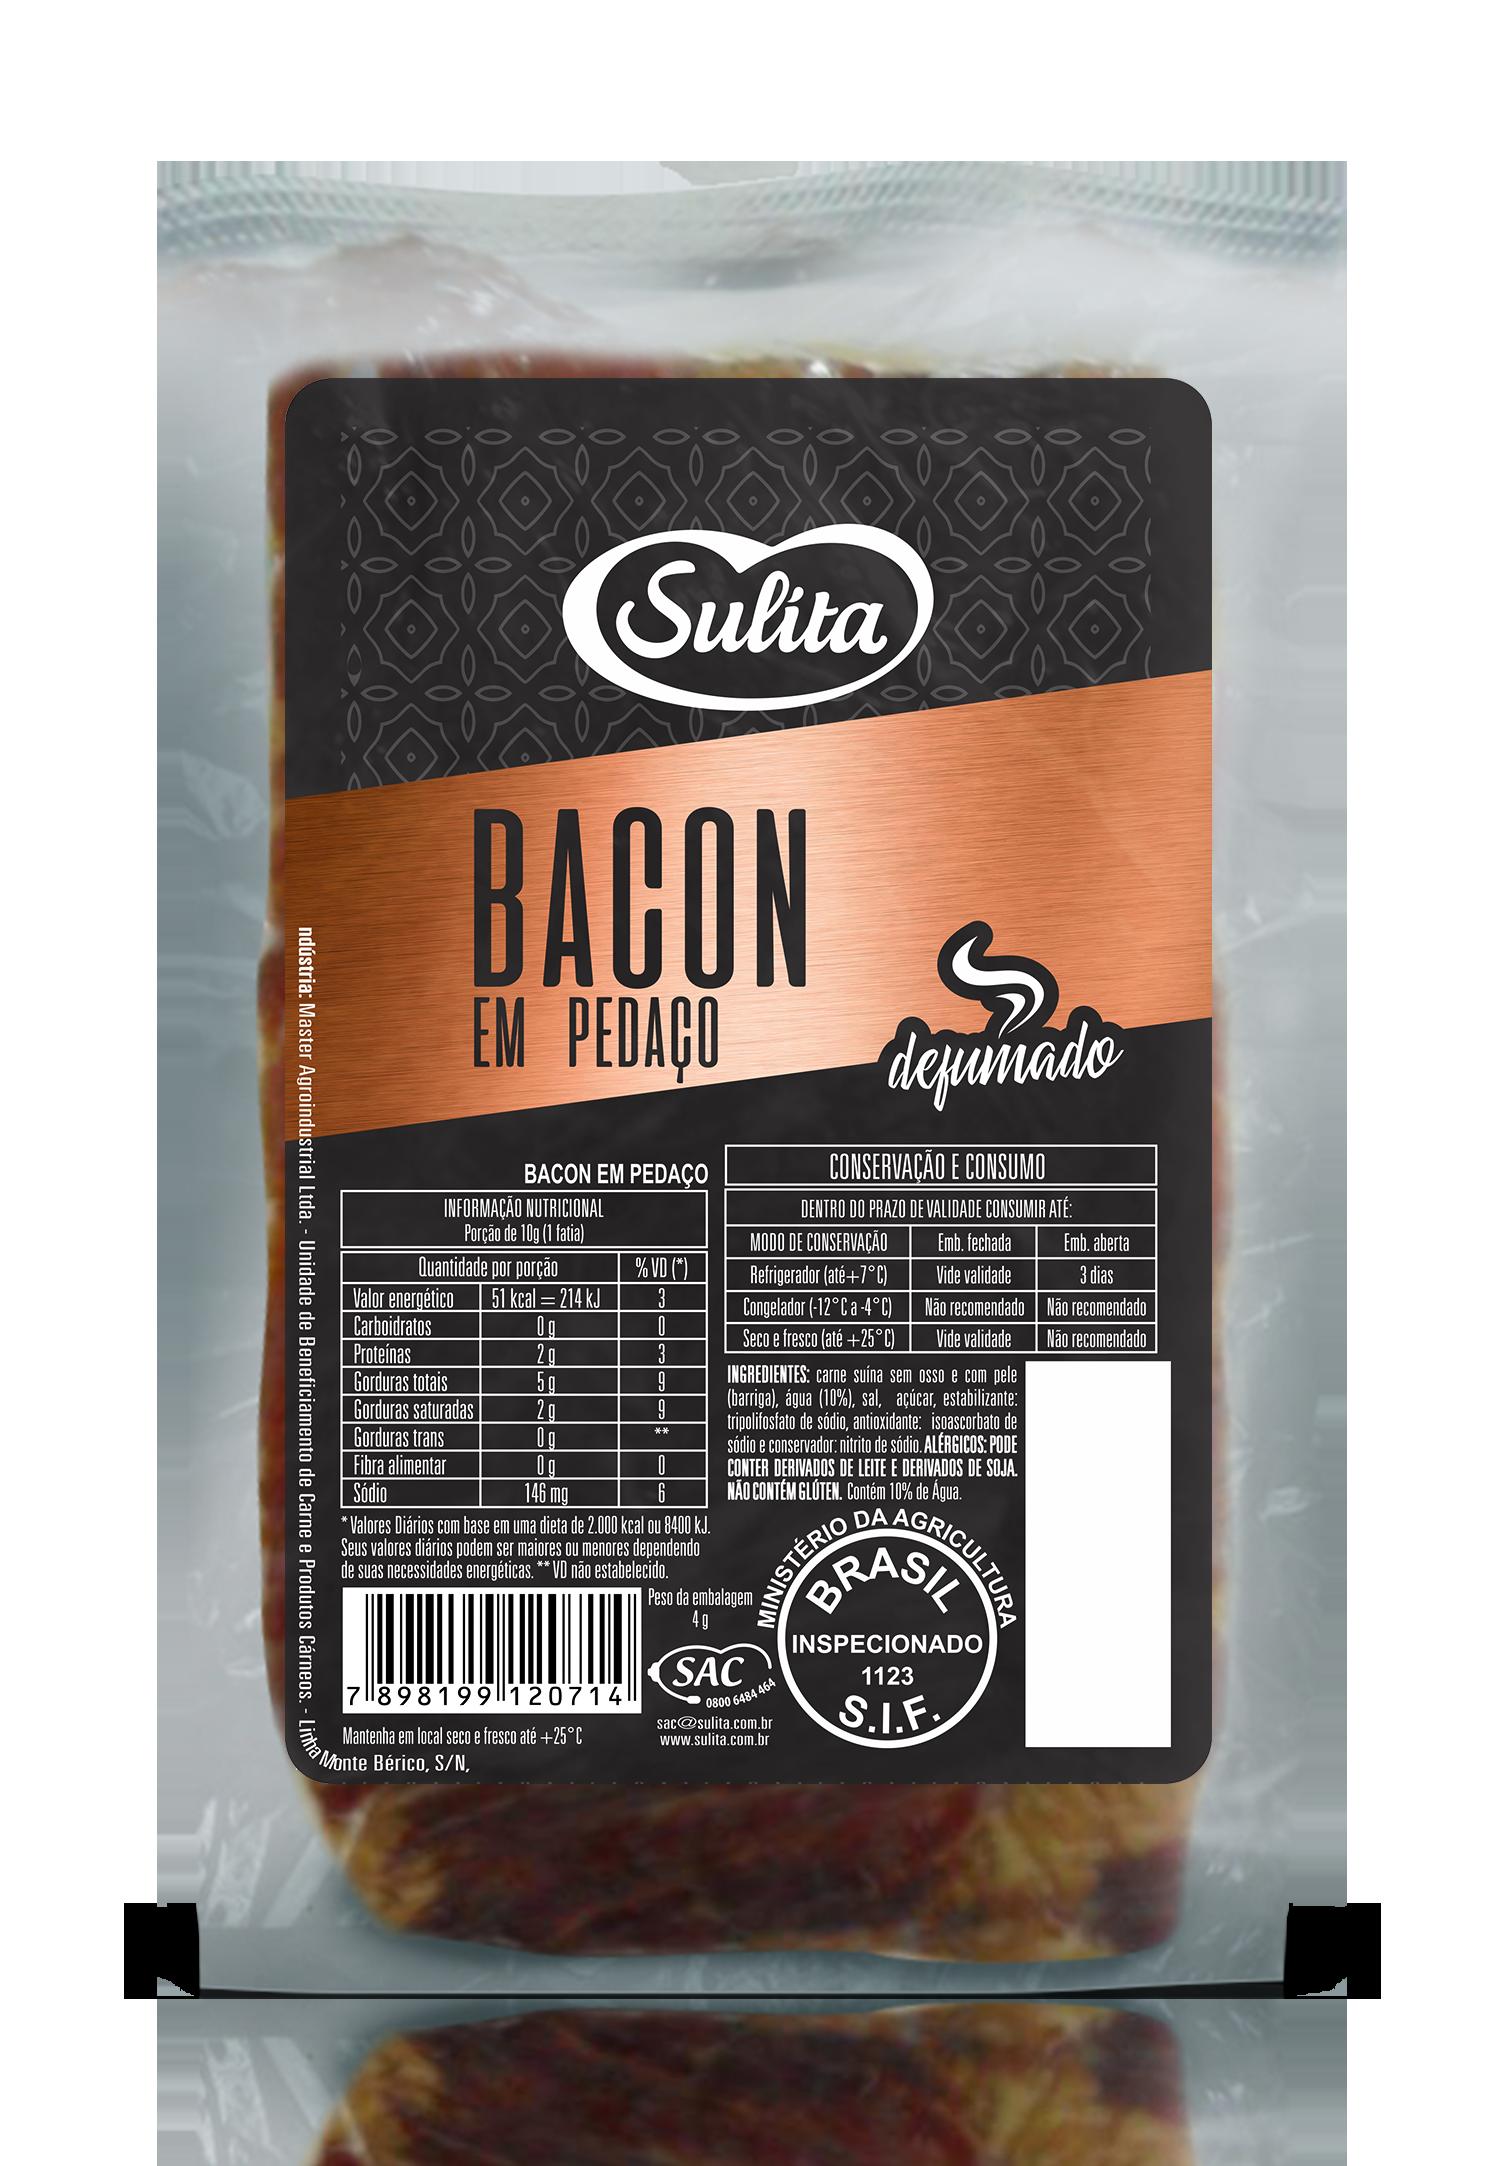 Bacon em Pedaço Sulita